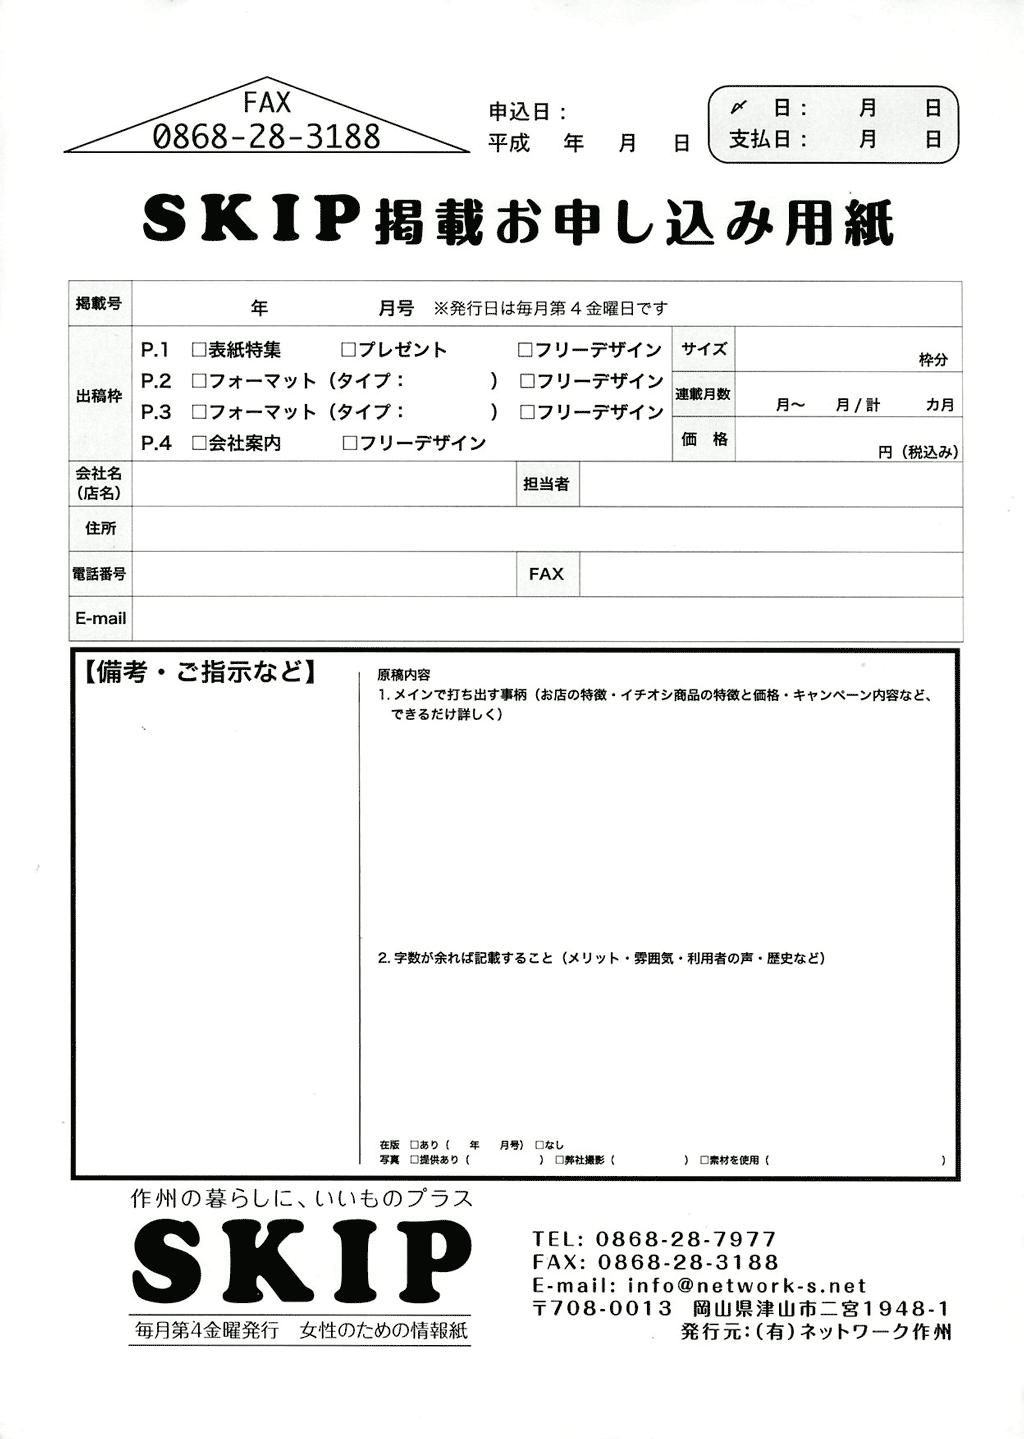 スキップ申込用紙